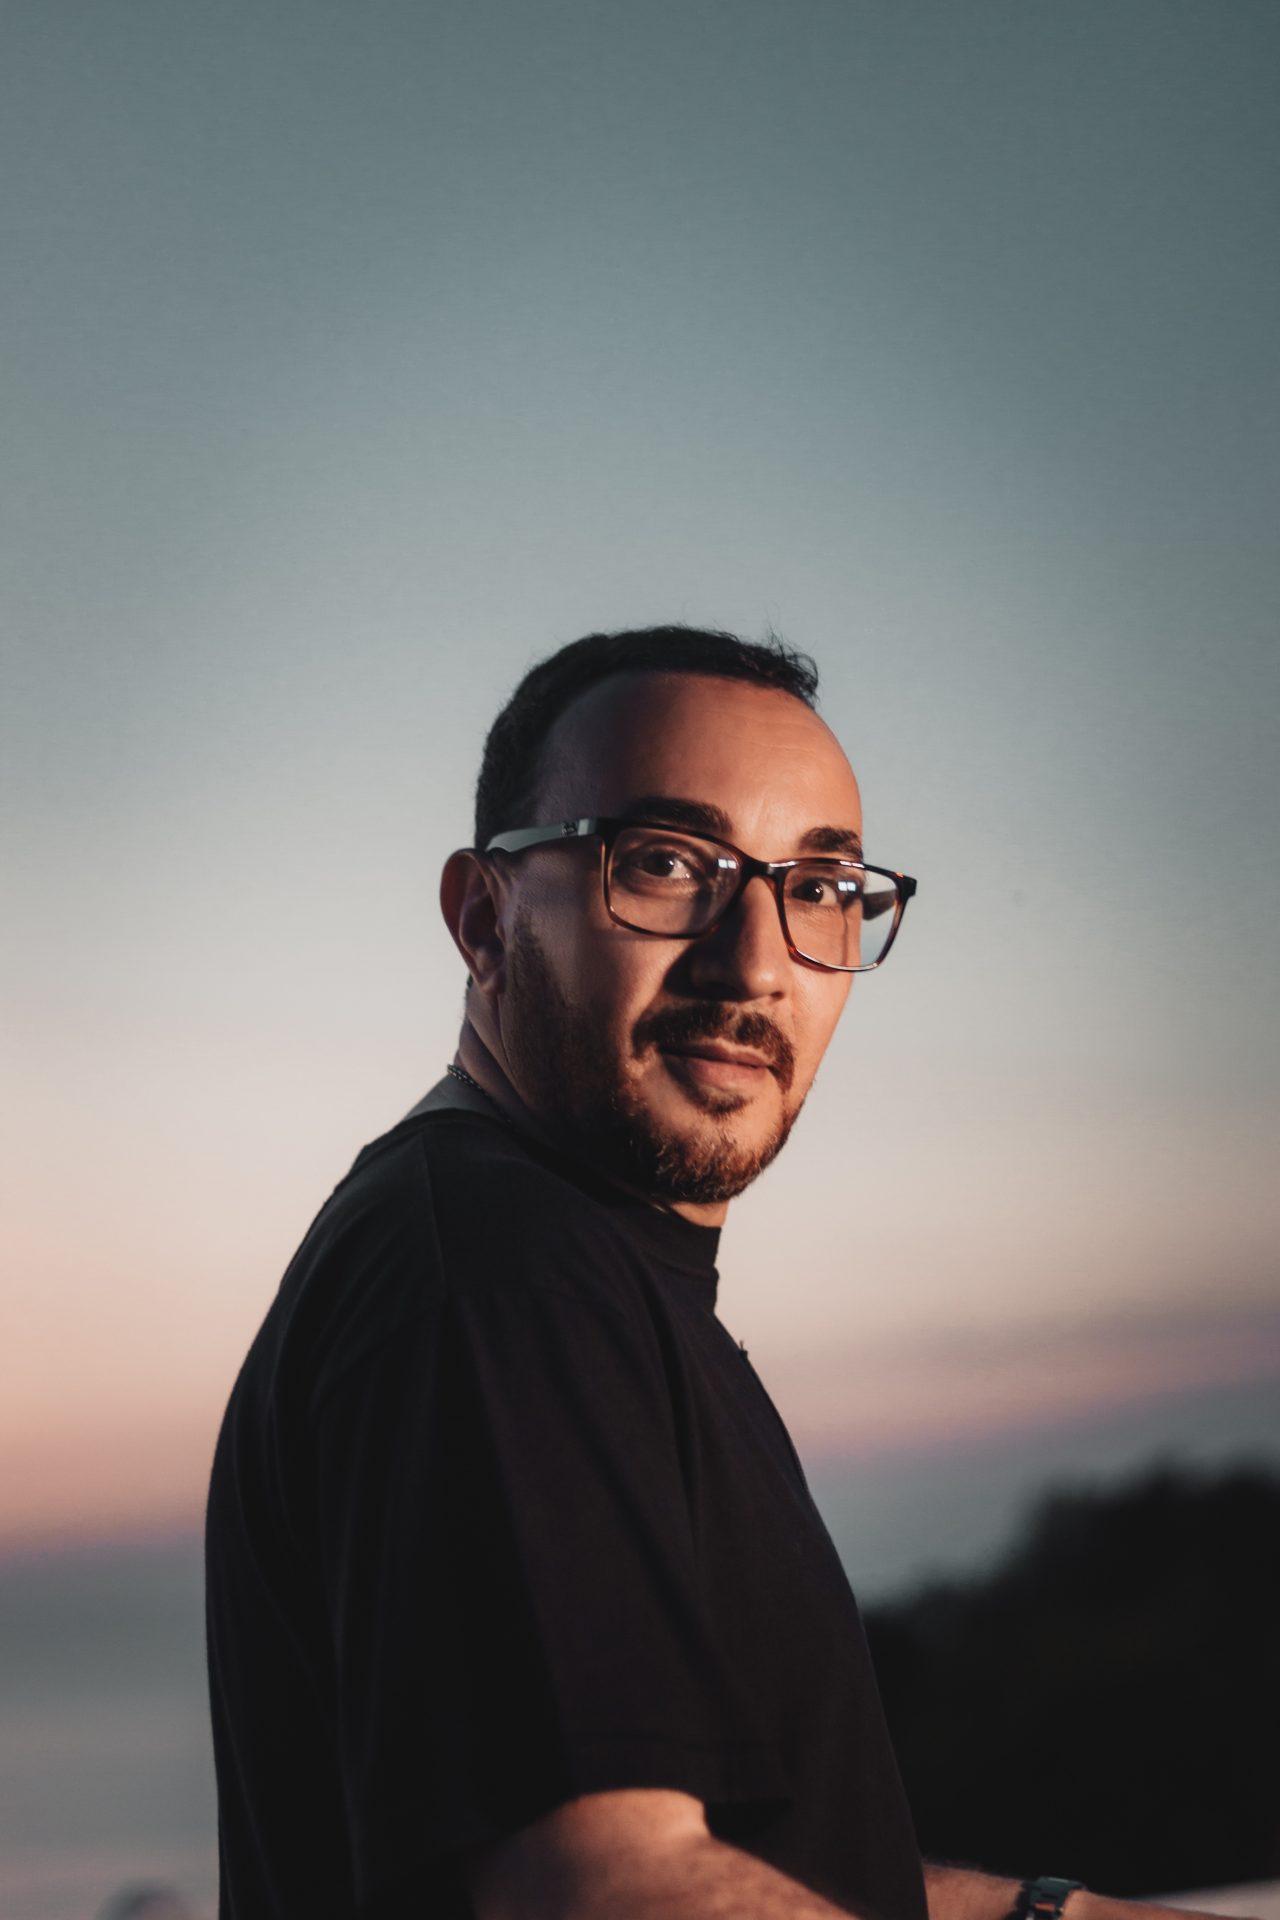 DJ Sammy (c) Tarek Correa.